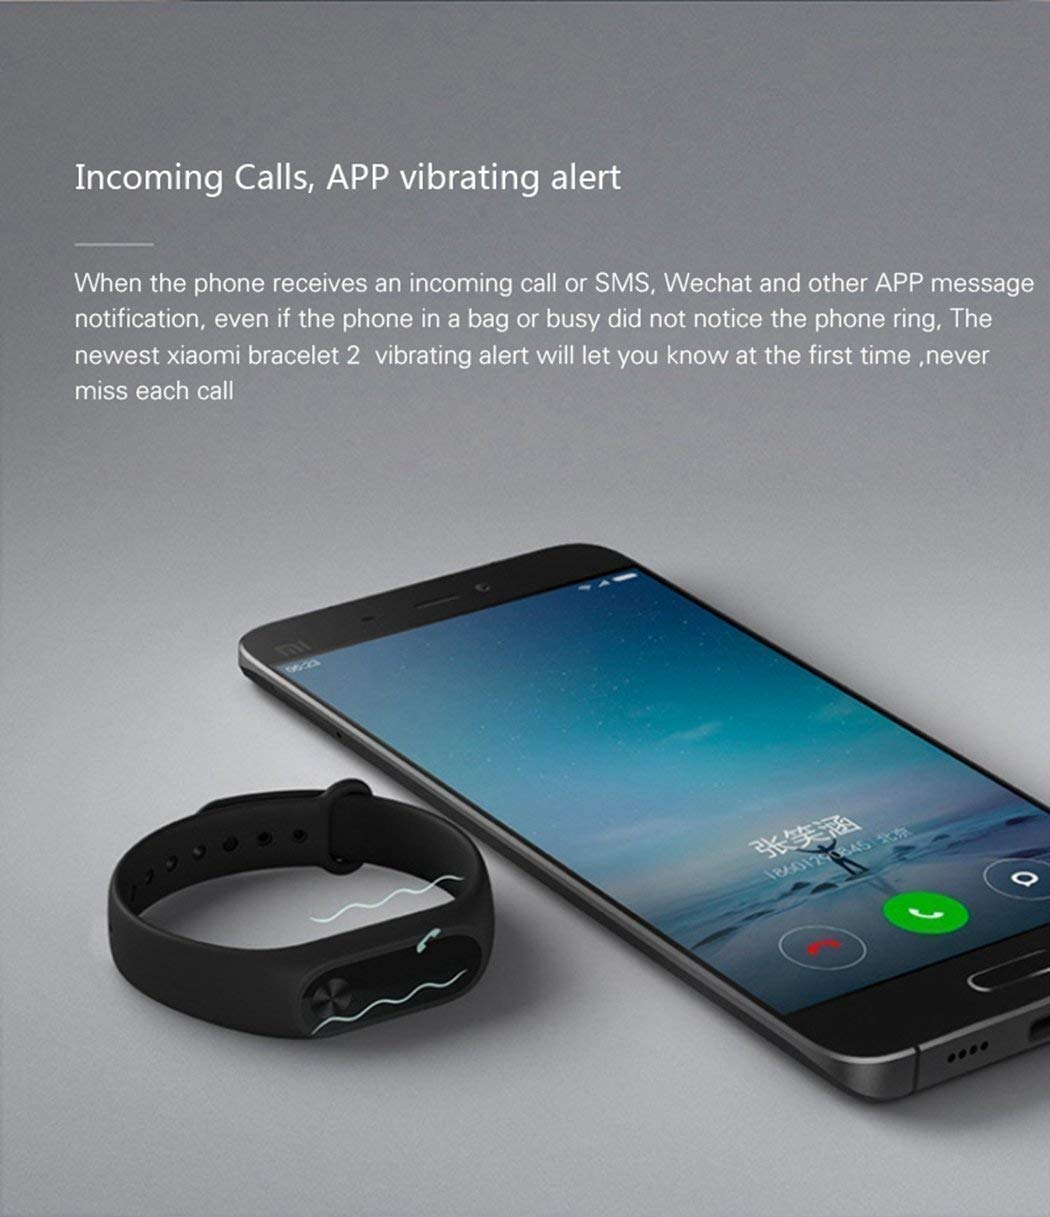 Xiaomi Mi Band 2 Fitness Smartband, Pulsera de actividad, con monitor de ritmo cardíaco, color Negro 3